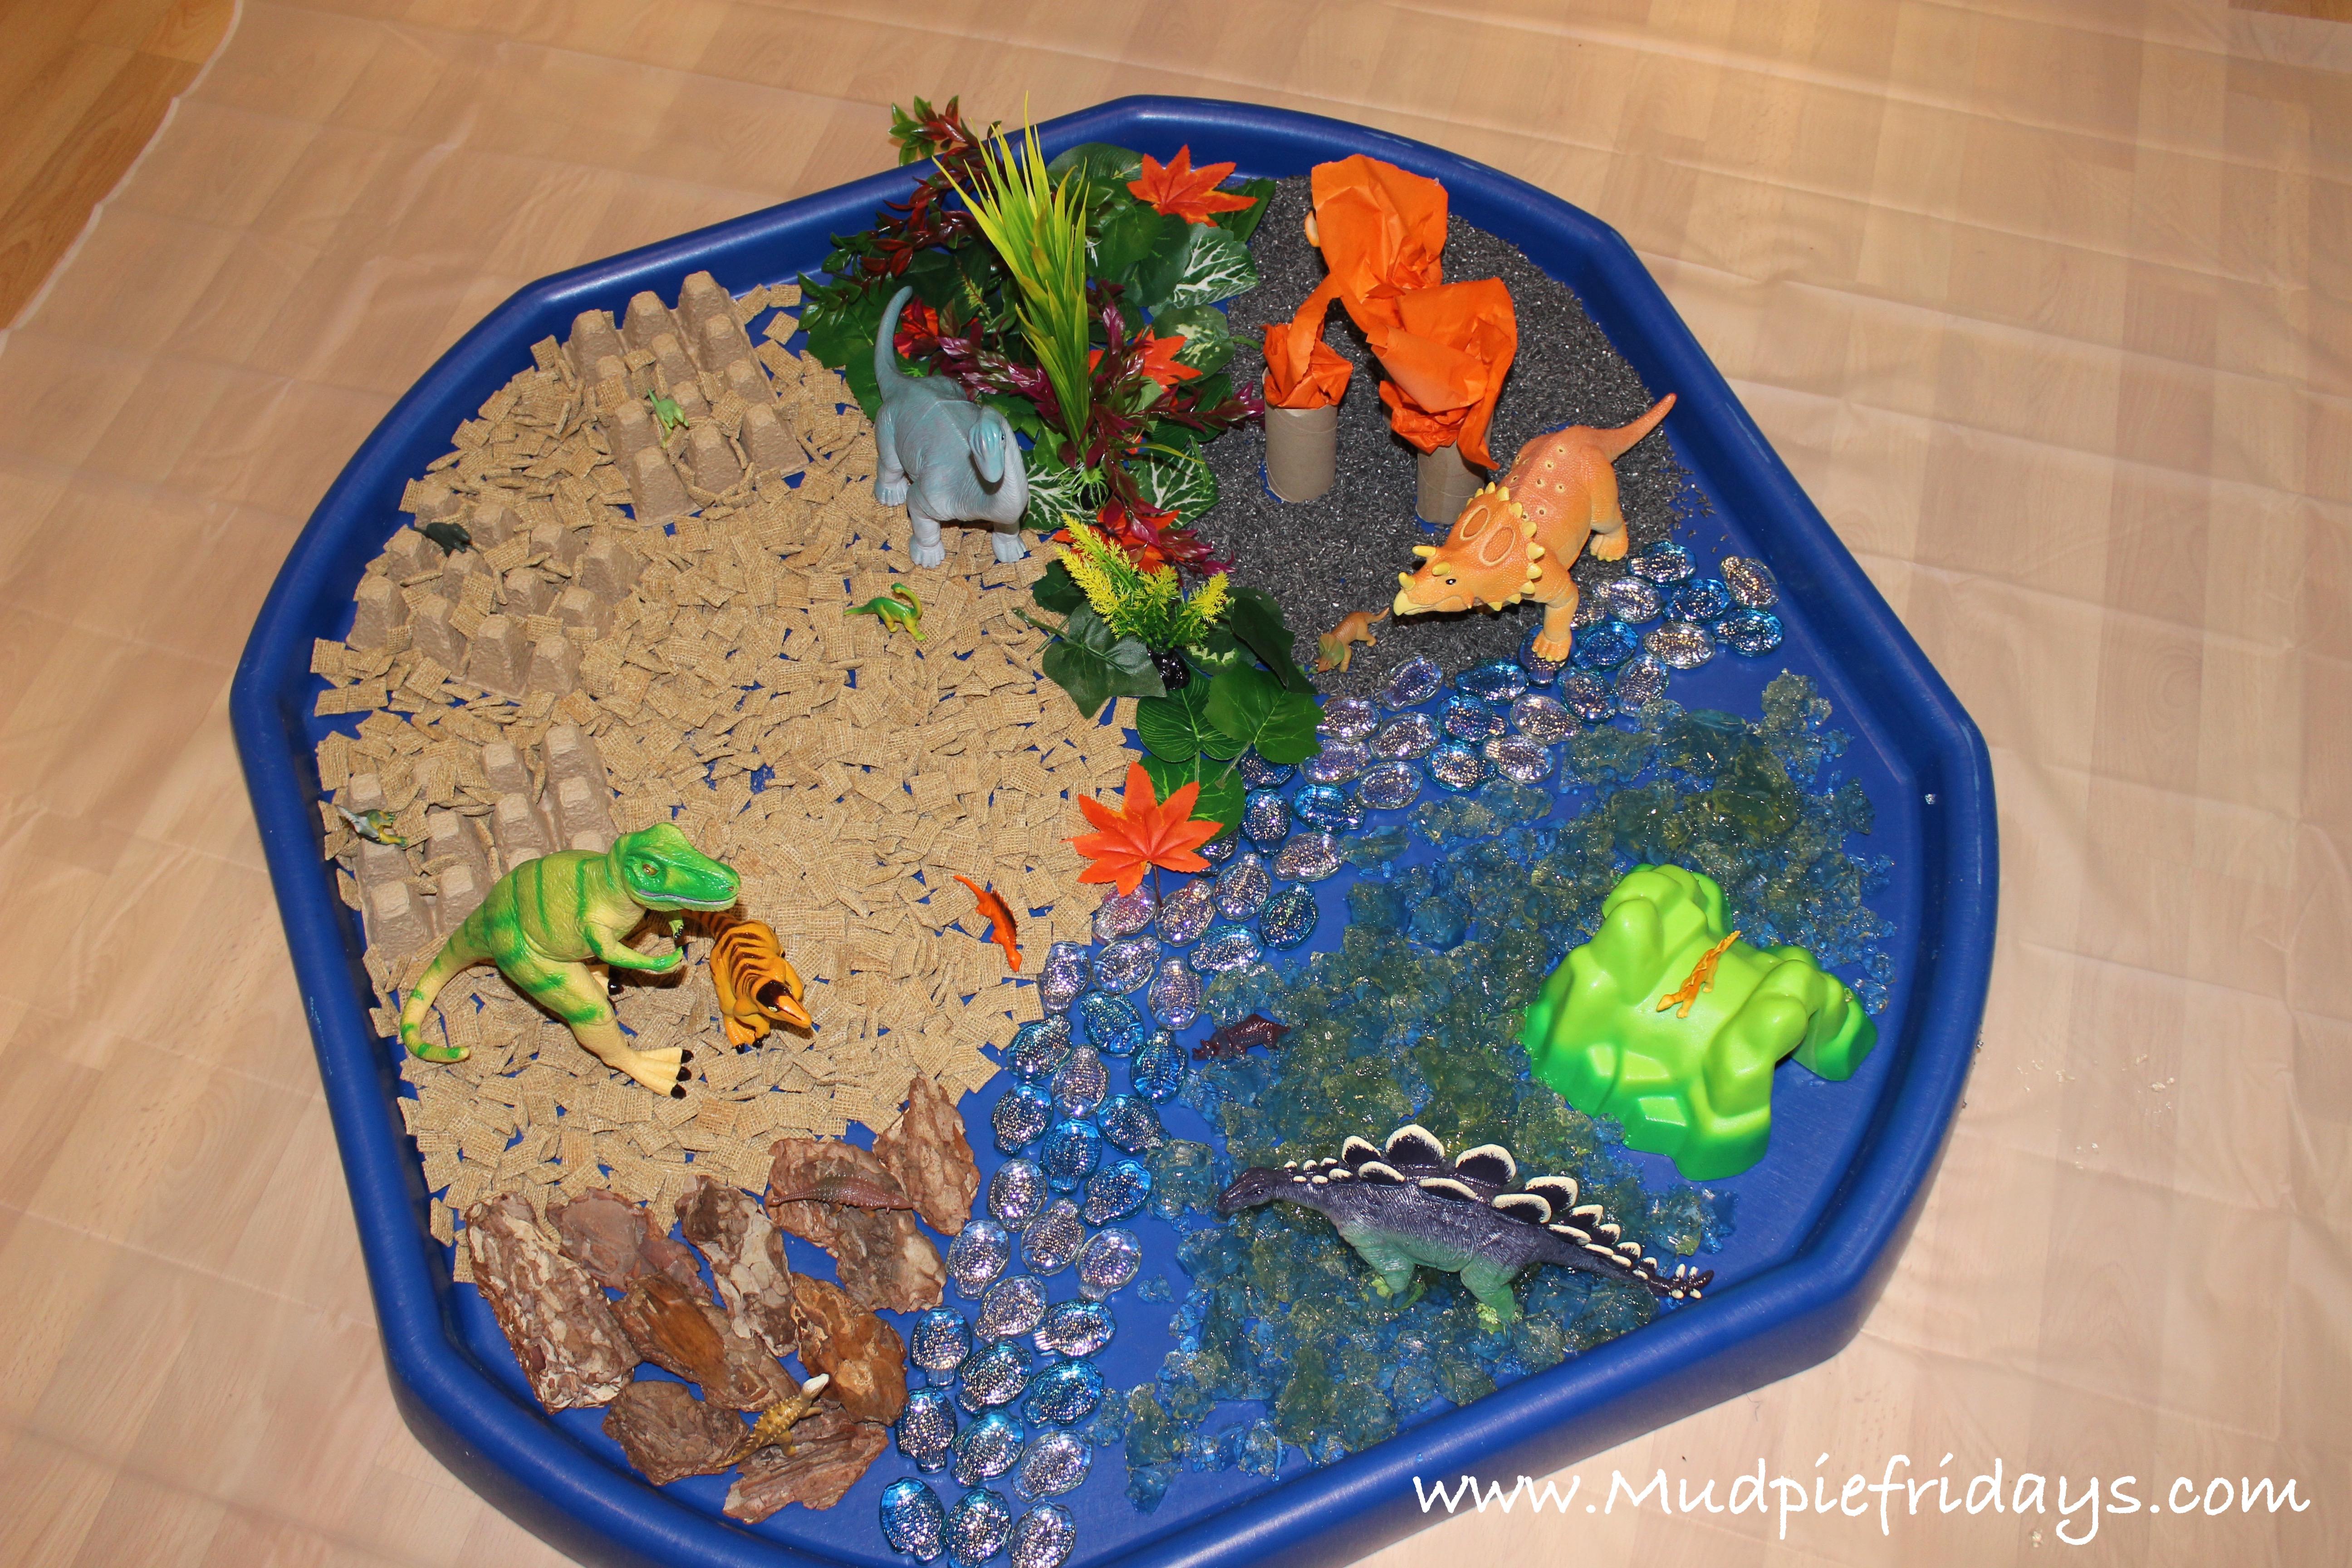 Dinosaur Small World Play Mudpiefridayscom